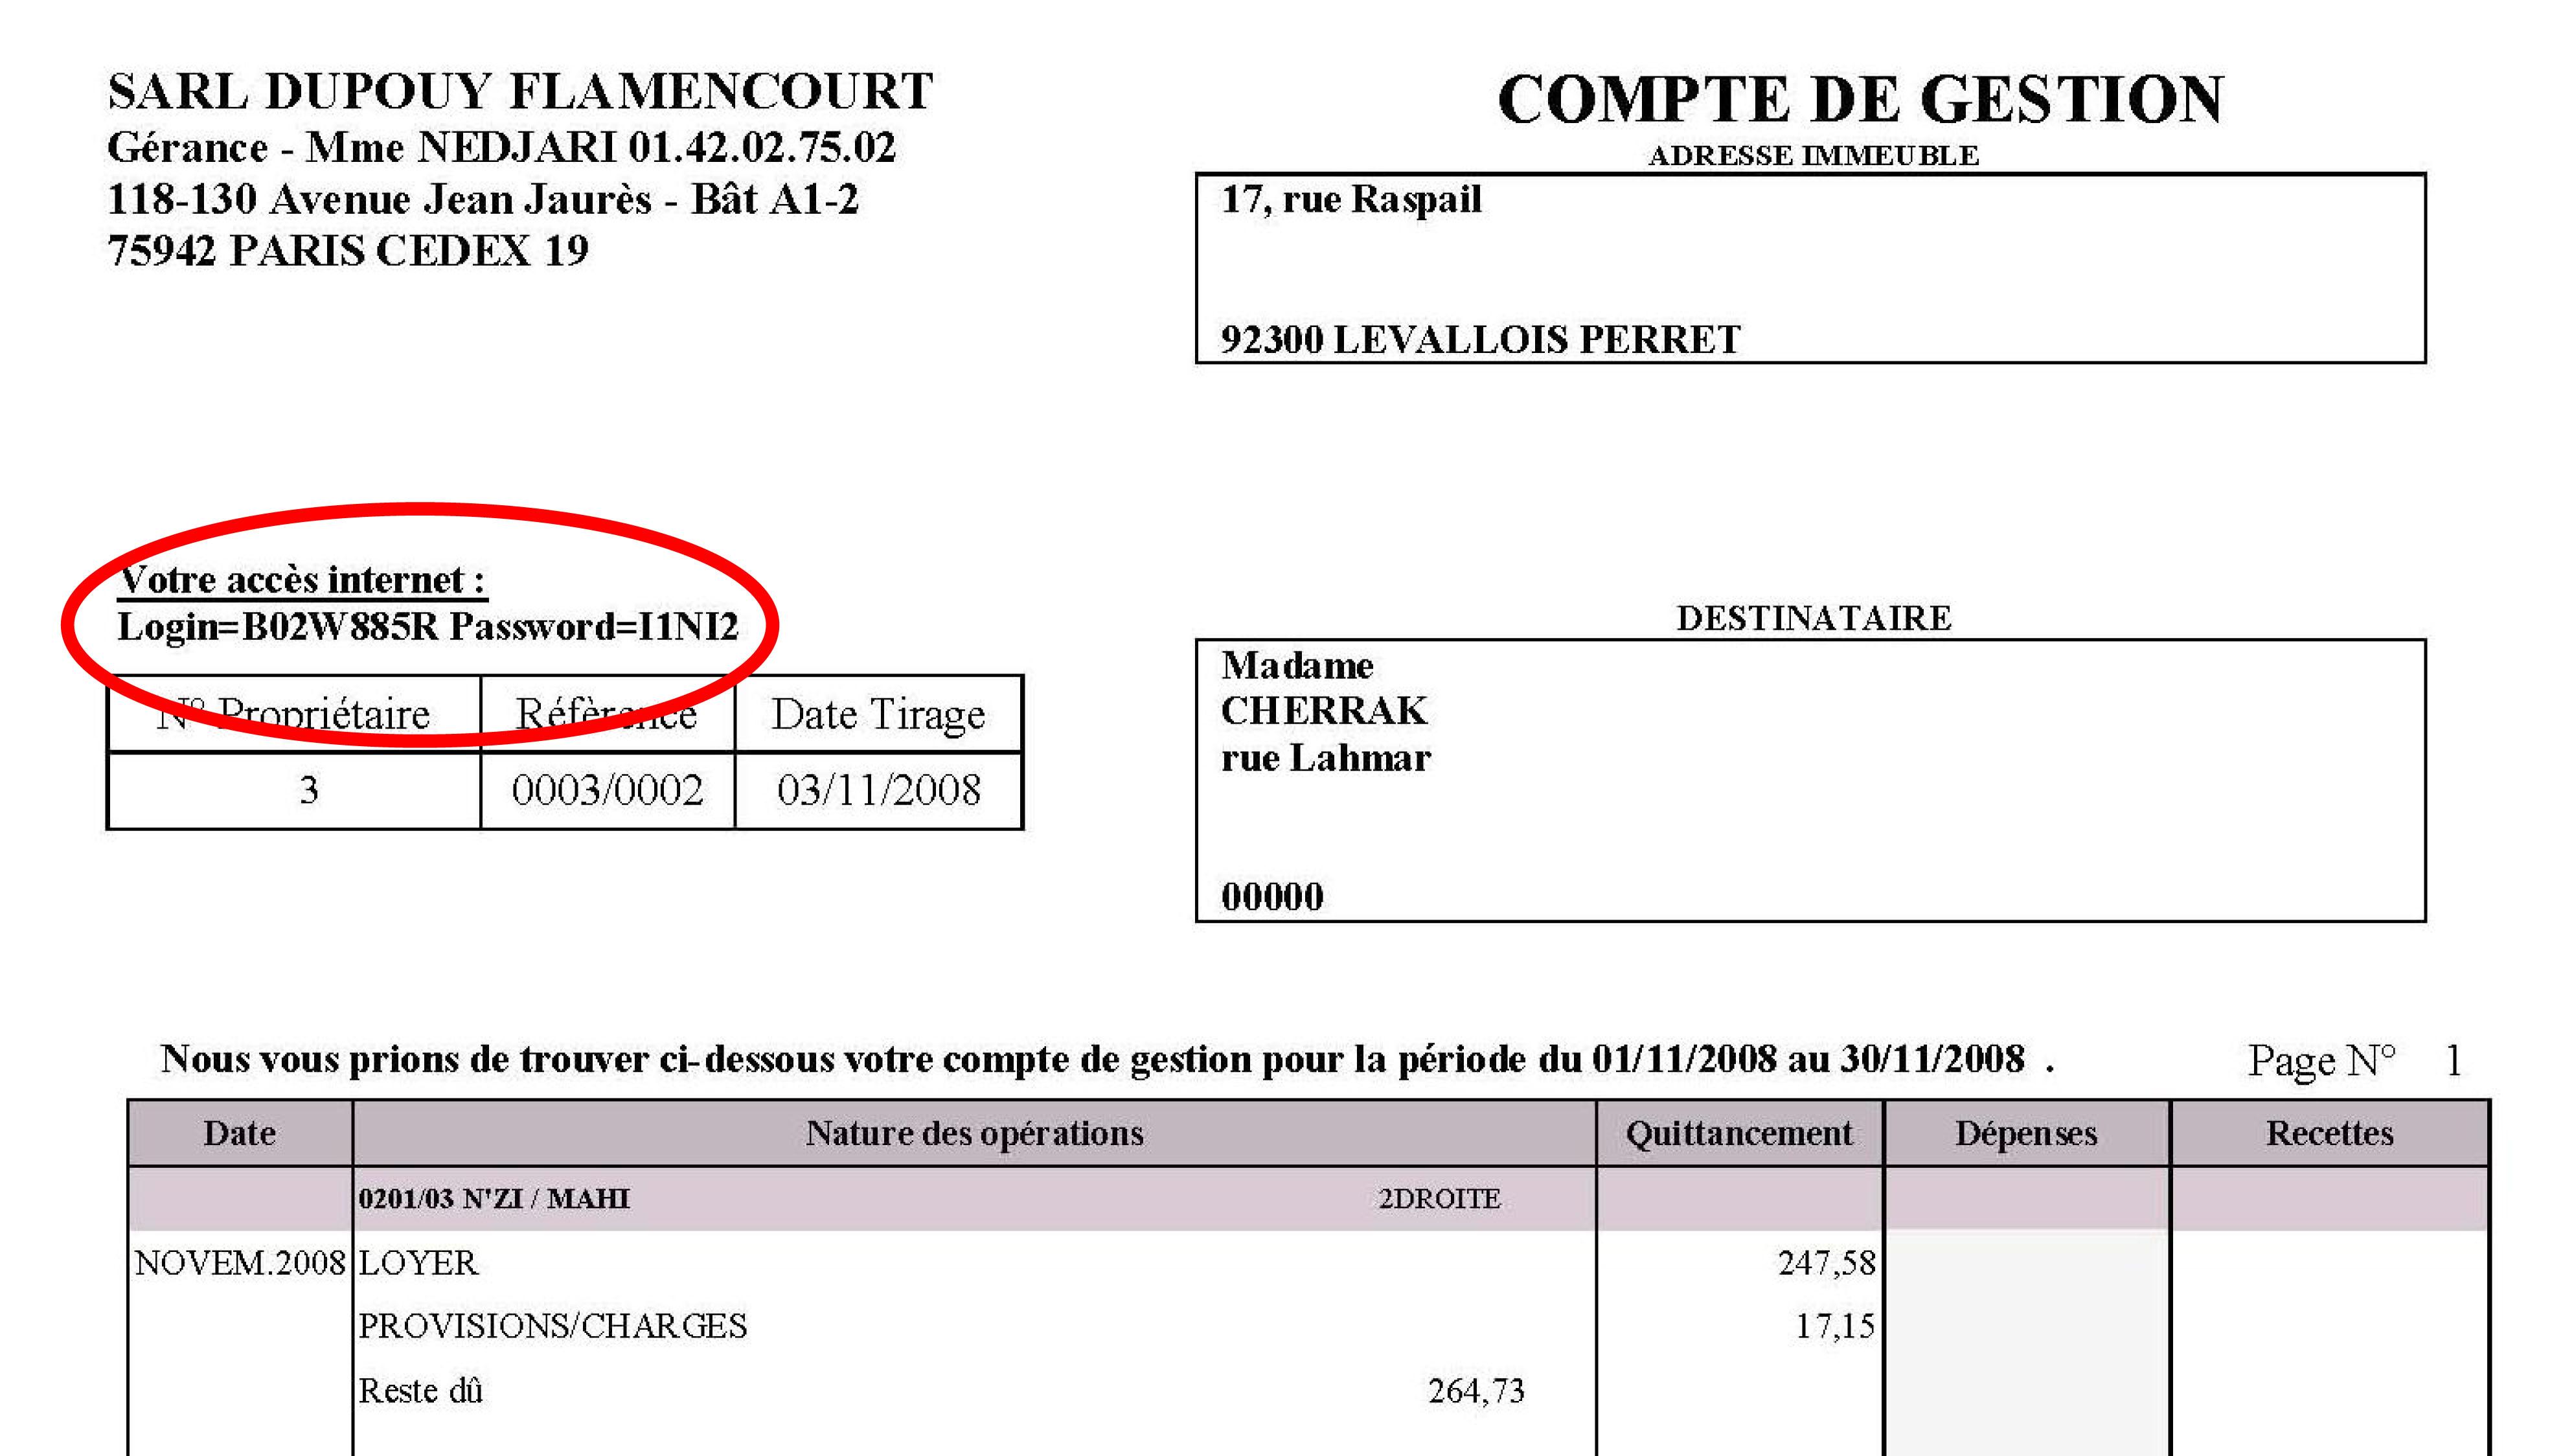 dupouy flamencourt gestion immobili re et locative paris 19 me arrondissement. Black Bedroom Furniture Sets. Home Design Ideas